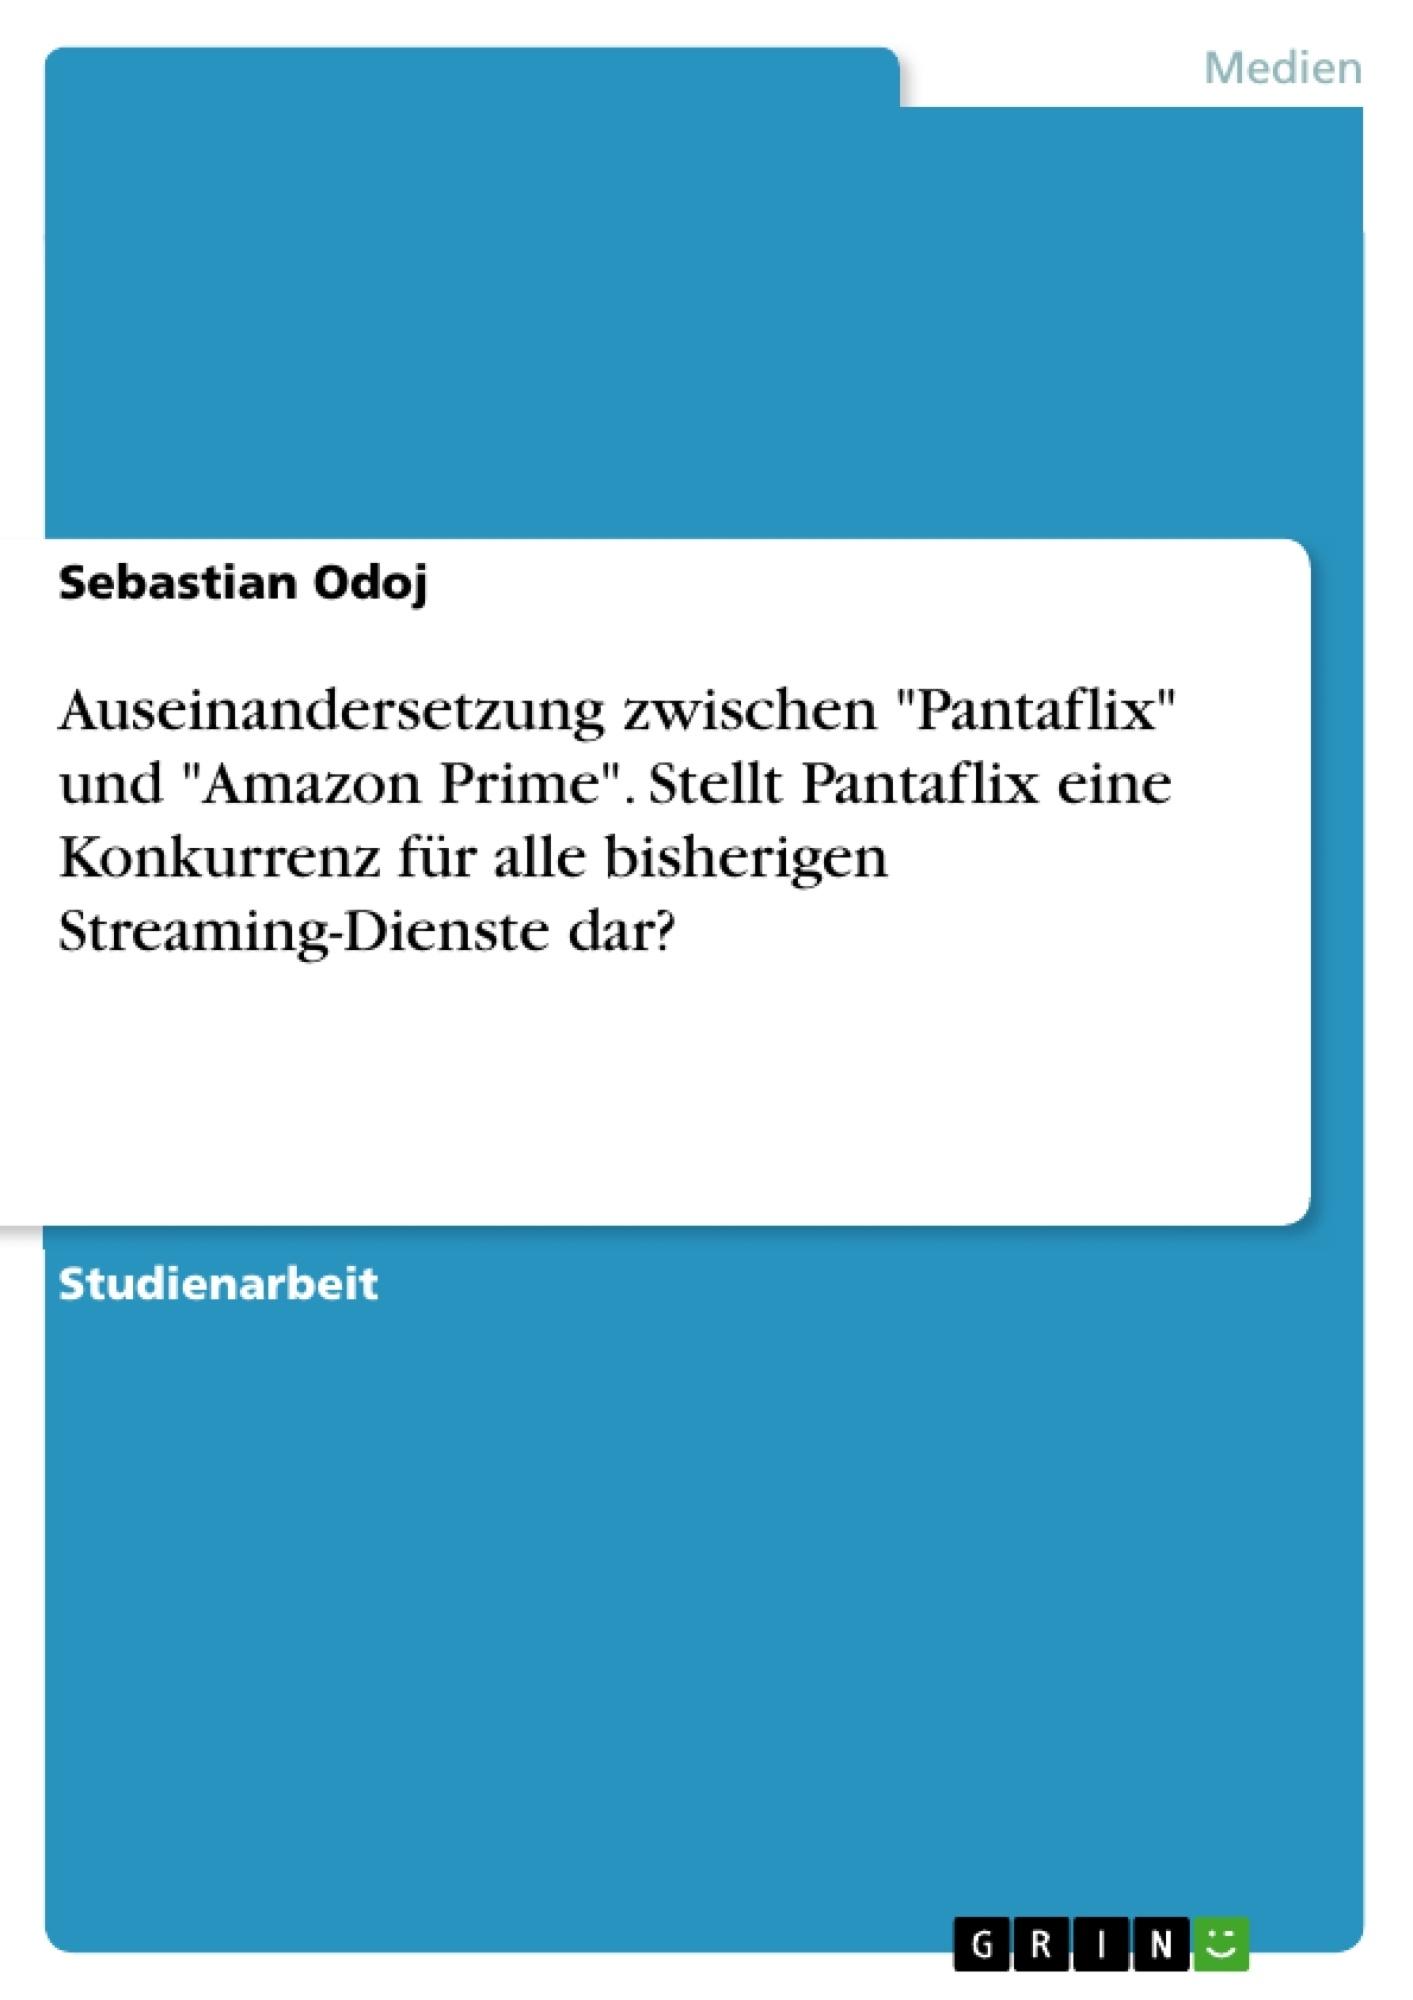 """Titel: Auseinandersetzung zwischen """"Pantaflix"""" und """"Amazon Prime"""". Stellt Pantaflix eine Konkurrenz für alle bisherigen Streaming-Dienste dar?"""